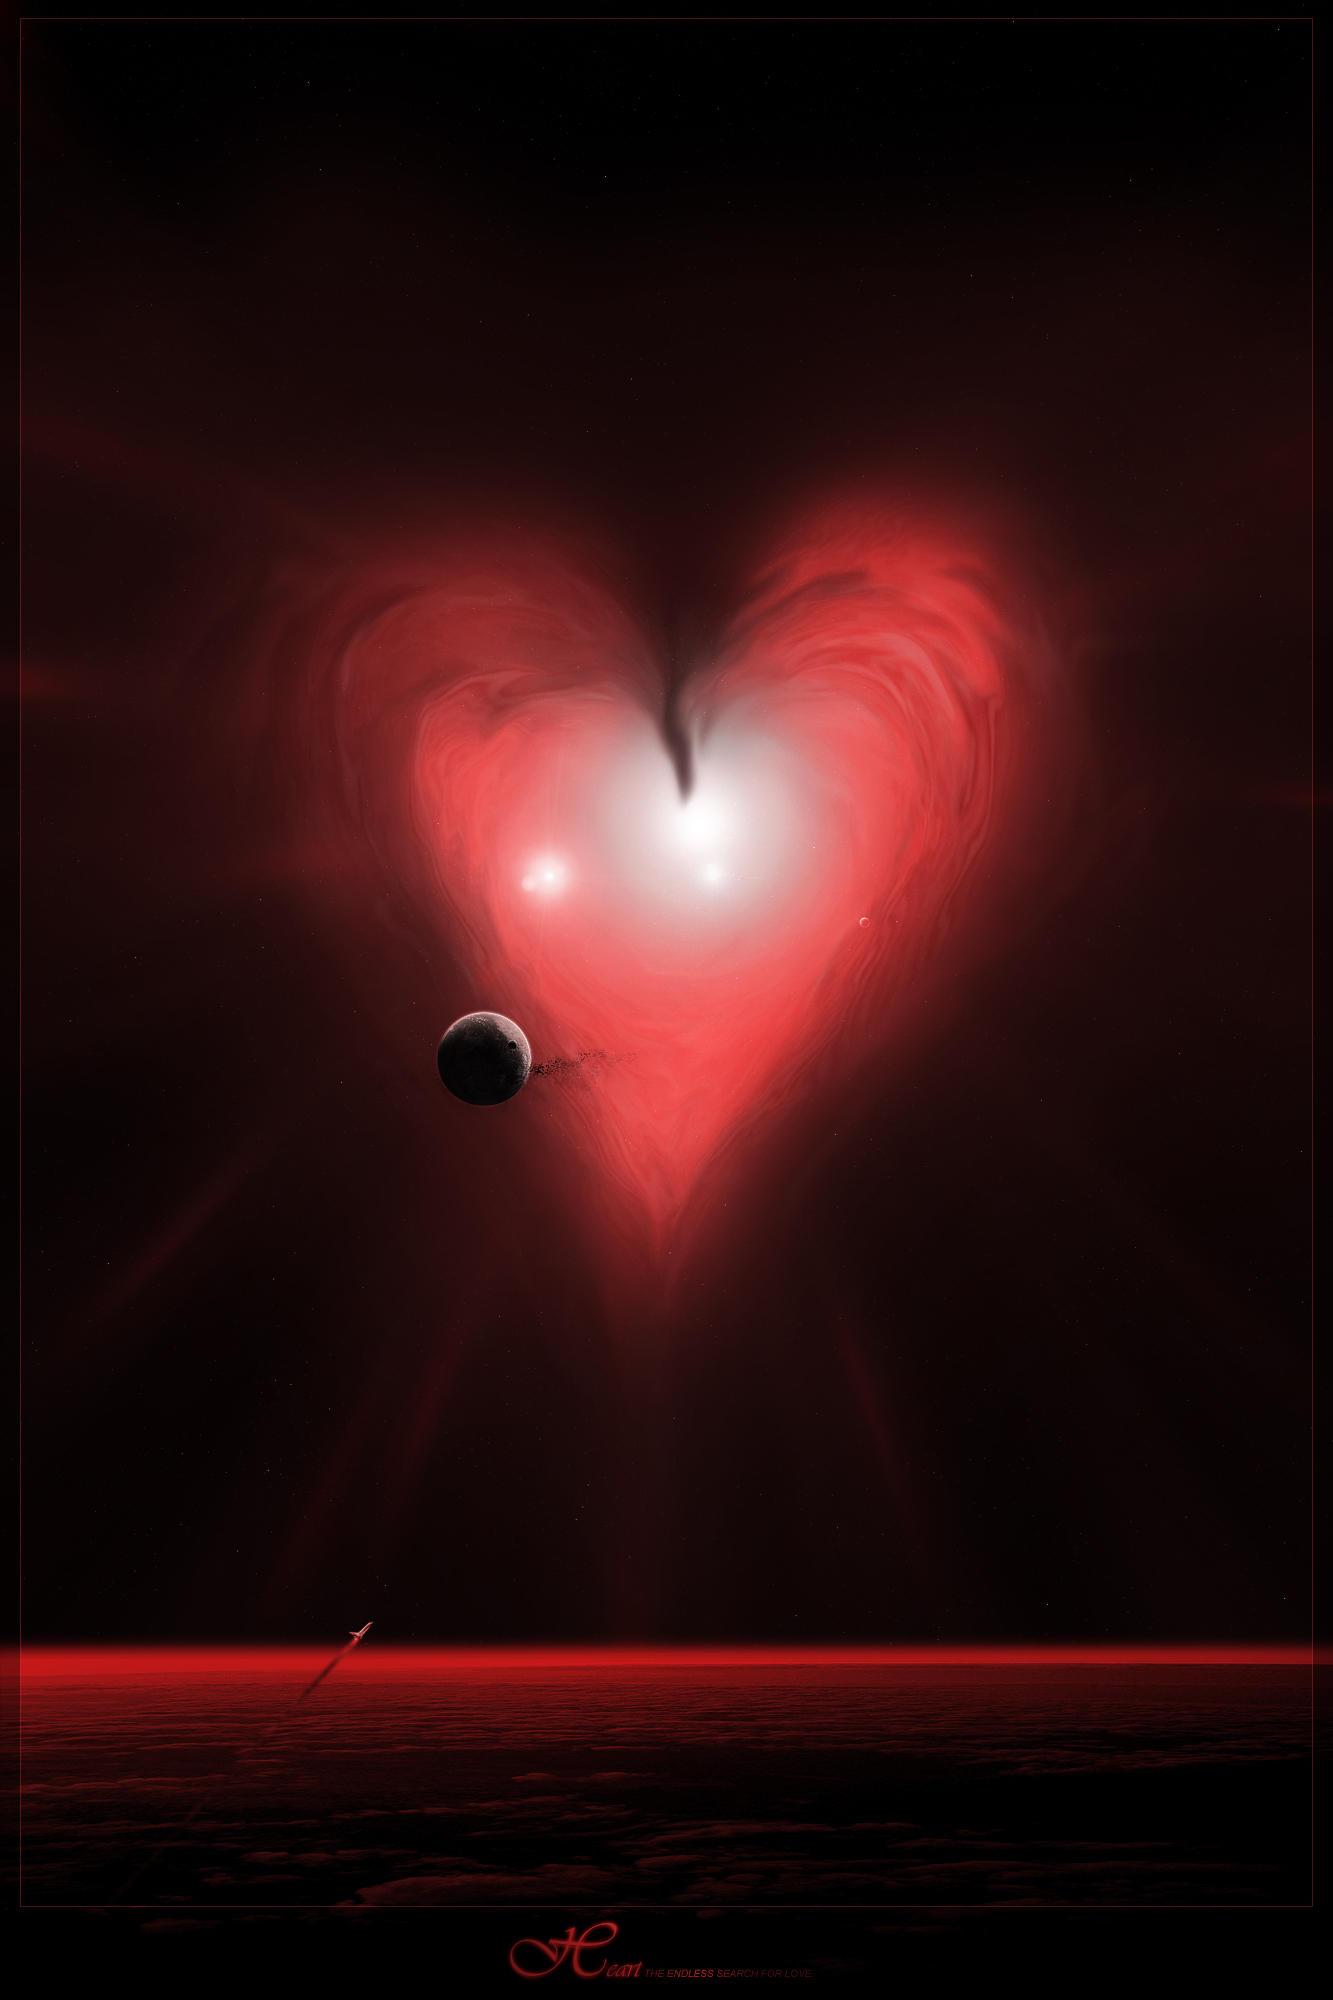 Heart by DKF